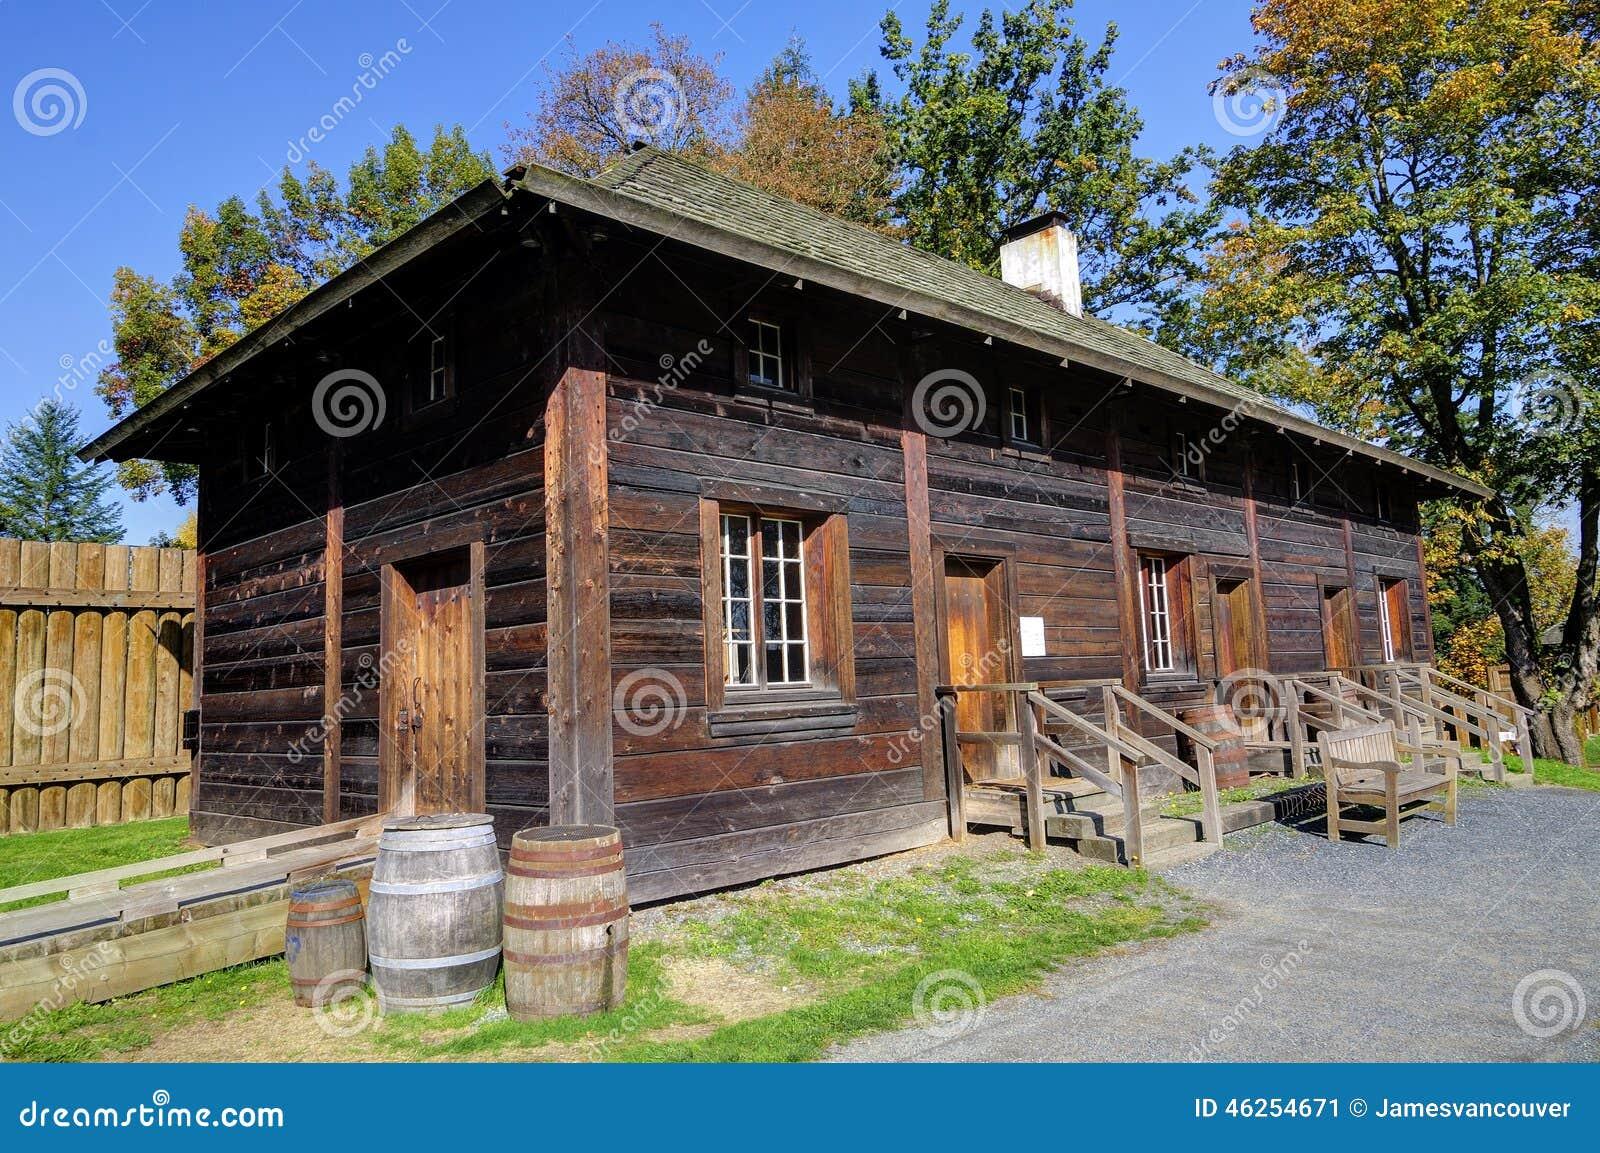 Maison Canadienne En Bois - Maison Canadienne En Bois Maison Ossature Bois Orphe Maison En Bois Du Chalet La Maison Mob